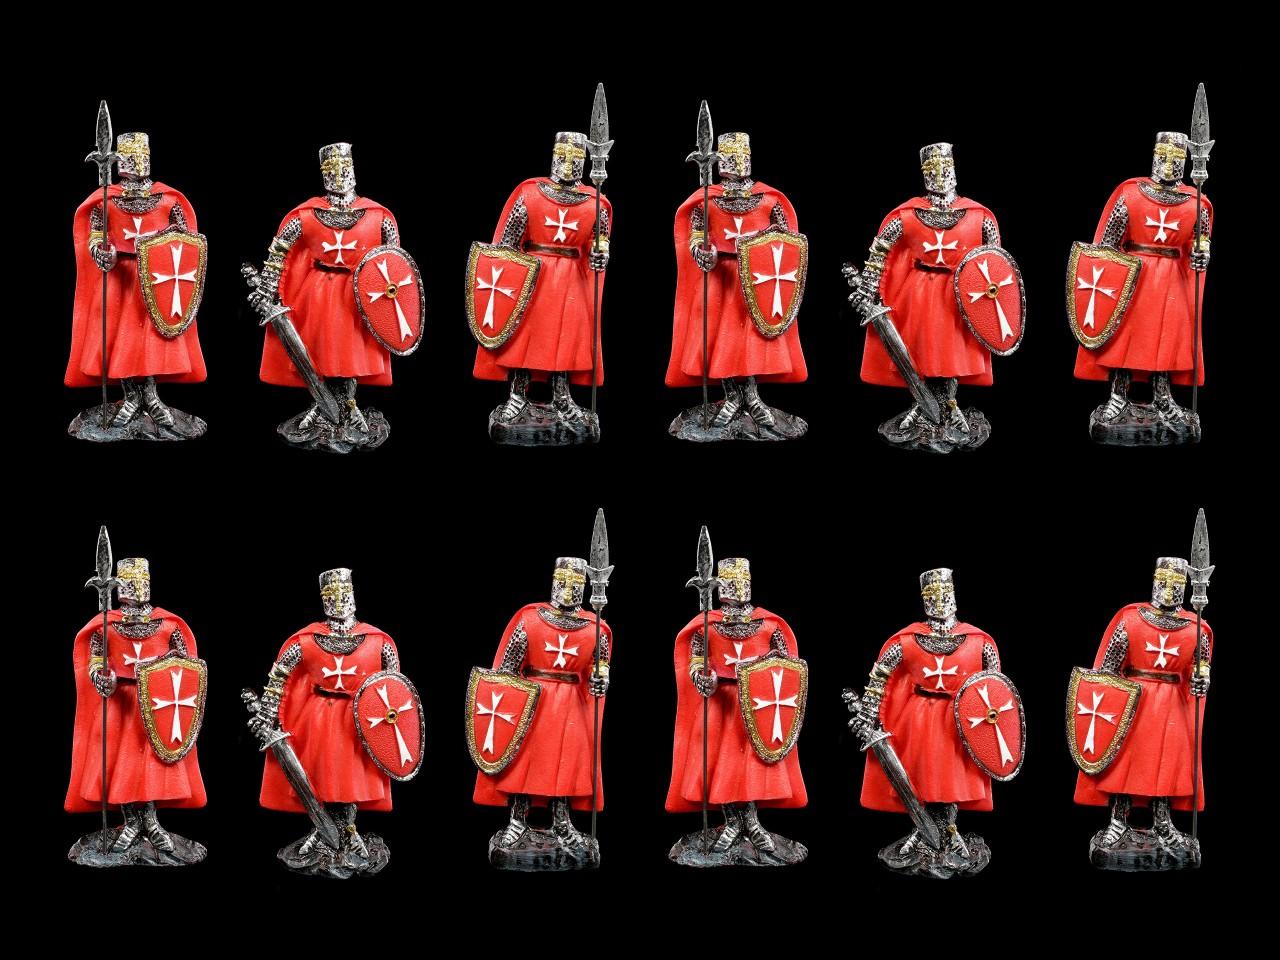 Kühlschrank Magnete - Rote Ritter 12er Set